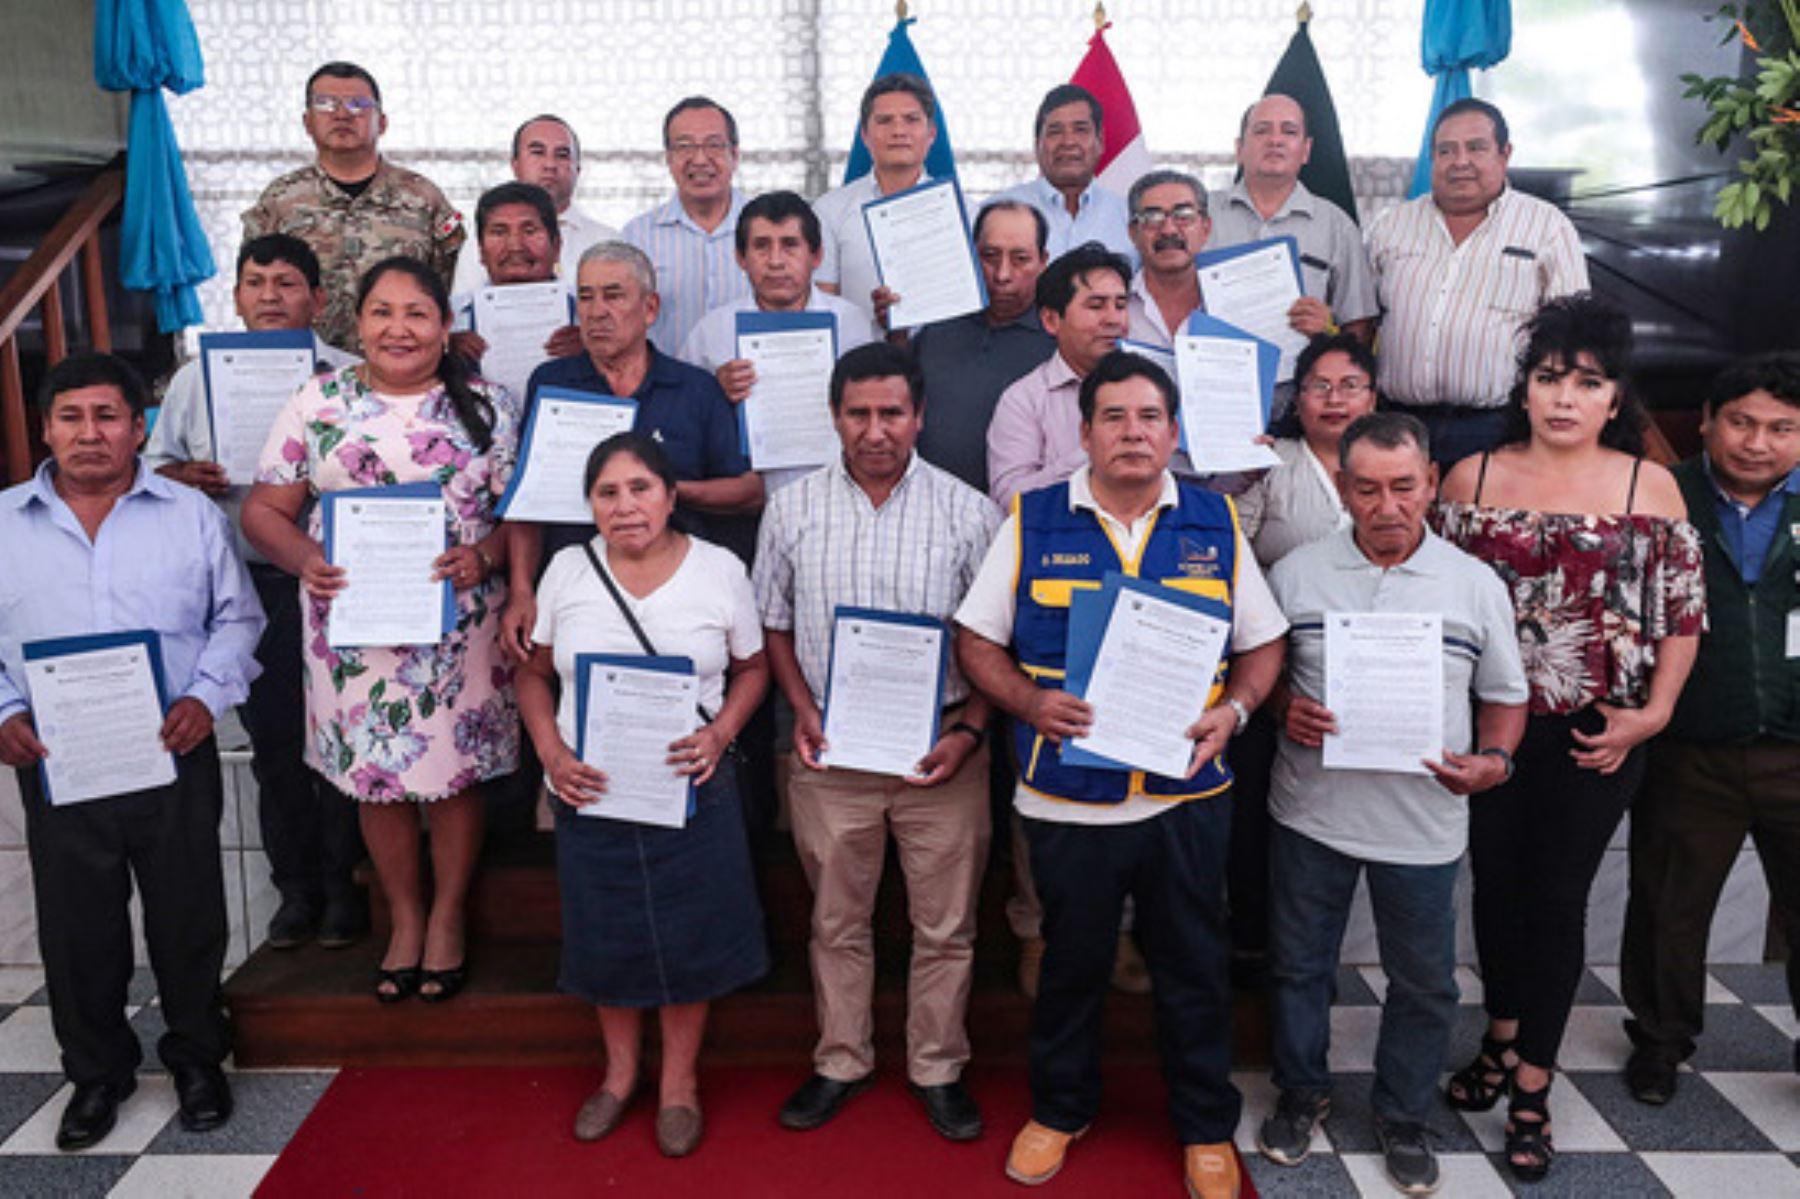 En la región Madre de Dios ya hay 117 mineros formalizados y que contribuirán al desarrollo del país, informó la Dirección General de Formalización Minera del Minem.